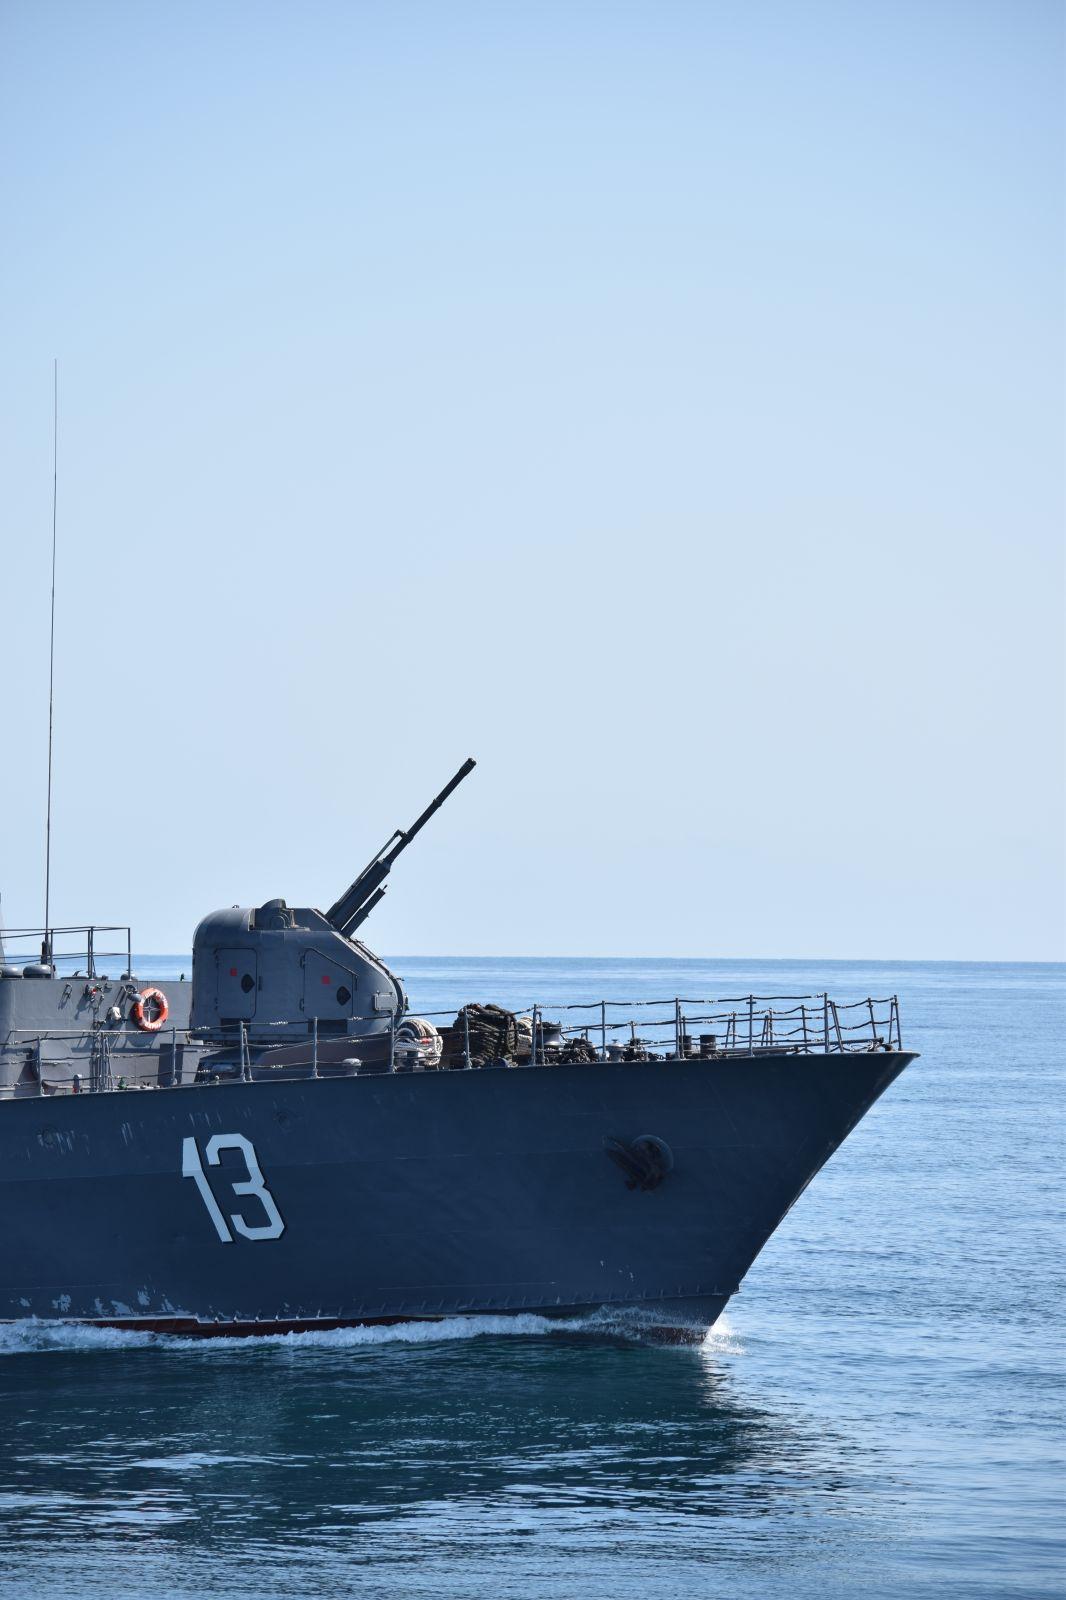 Бриз 2019 – Част 5 - Корабна ПВО в 3 епизода (ГОЛЯМА АВИАЦИОННО-РАКЕТНА ГАЛЕРИЯ)